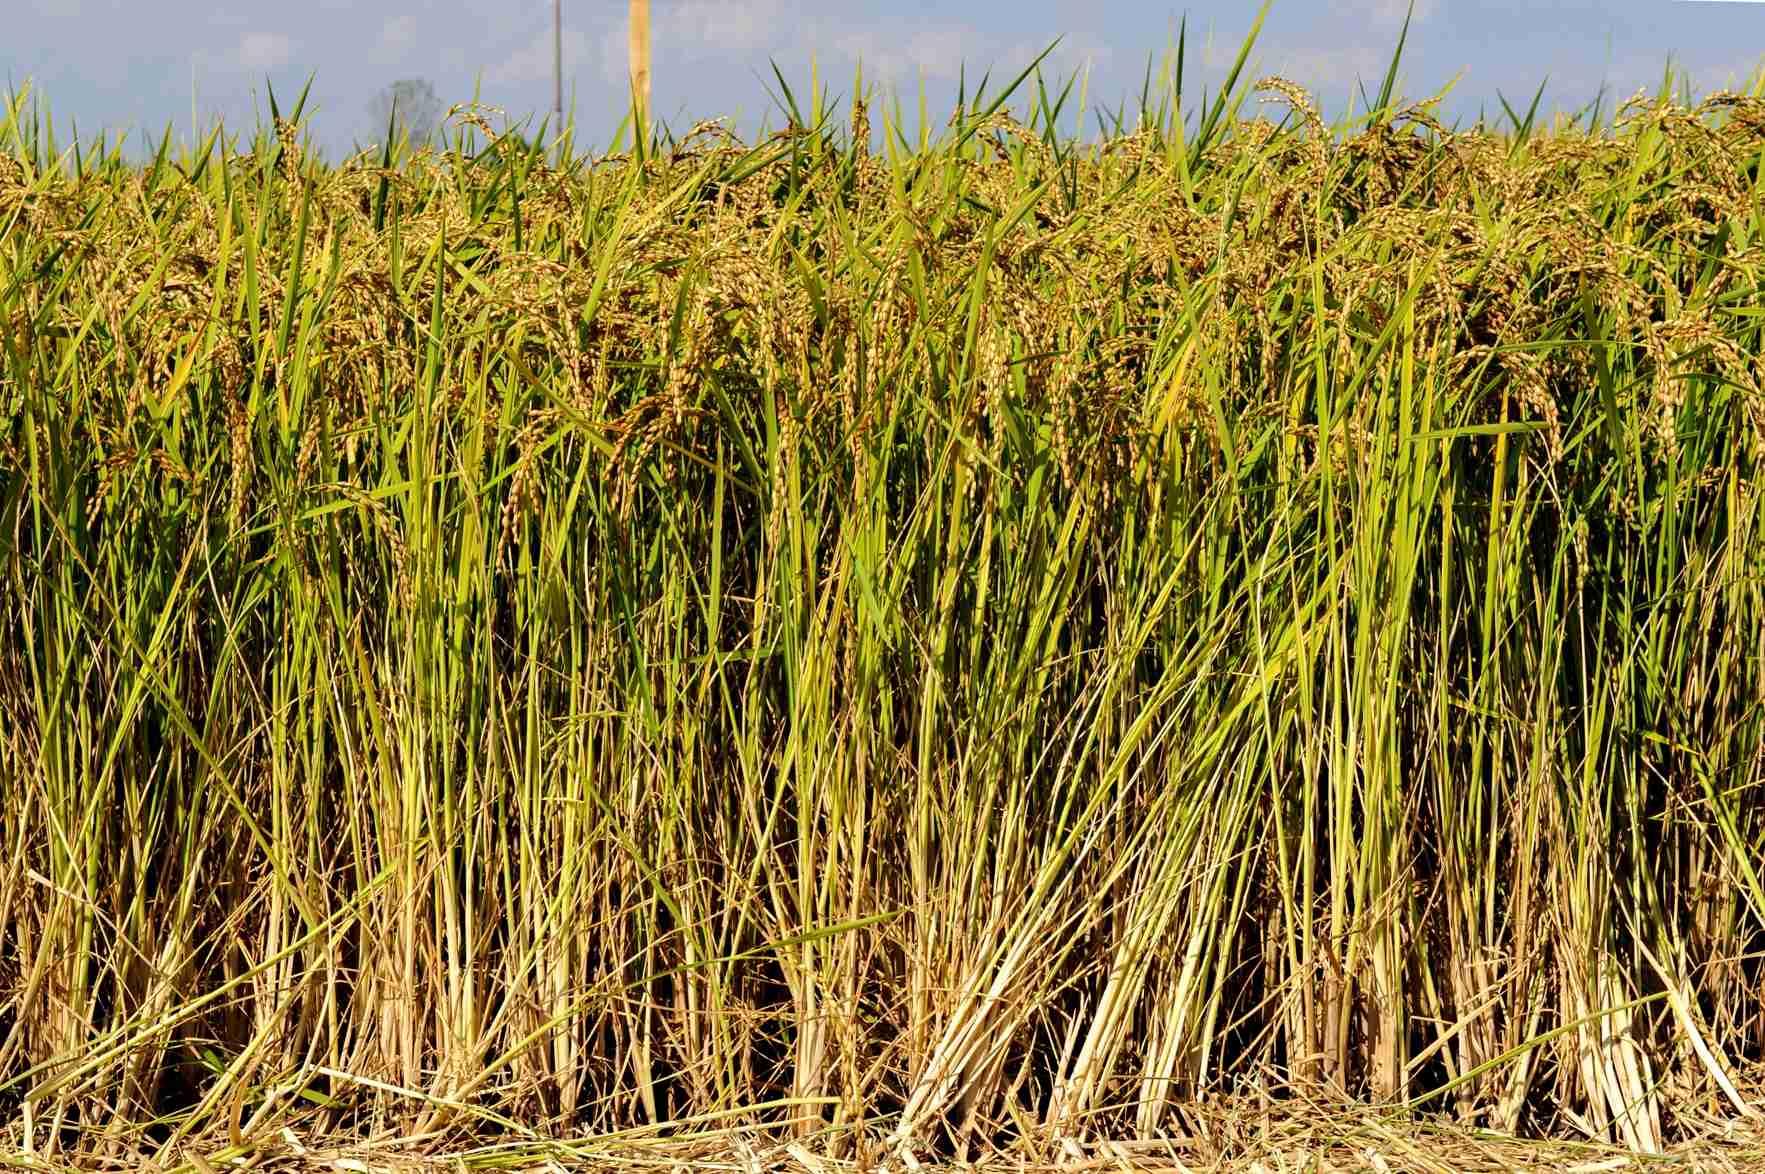 sementi riso carnise spighe campo